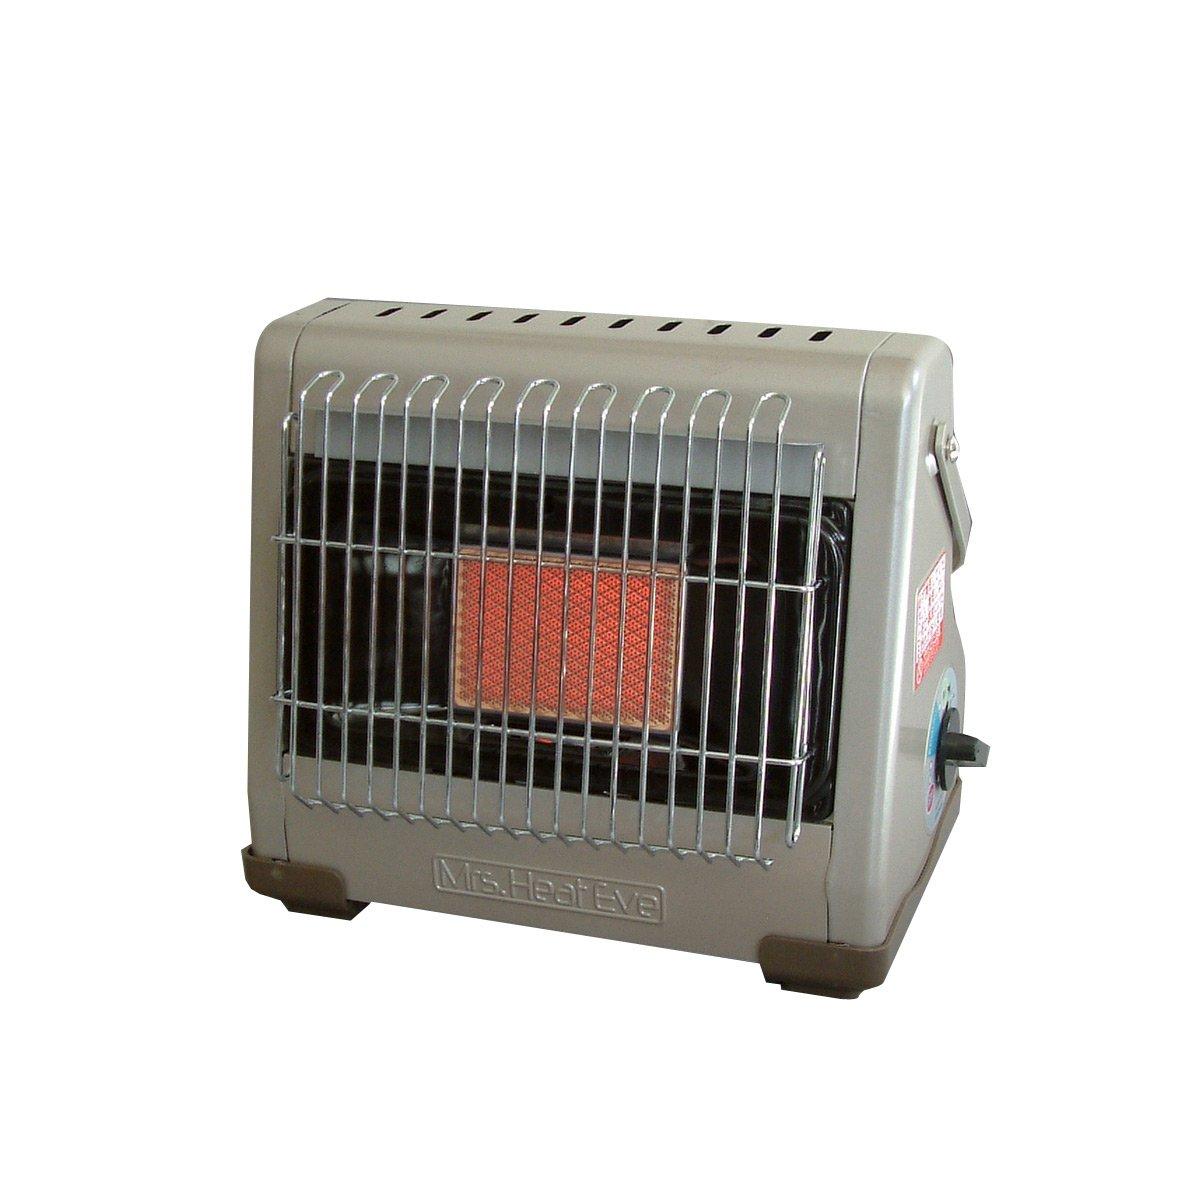 NITINEN(ニチネン) カセットボンベ式ガスヒーター ミセスヒート イヴ(屋内専用) KH-013